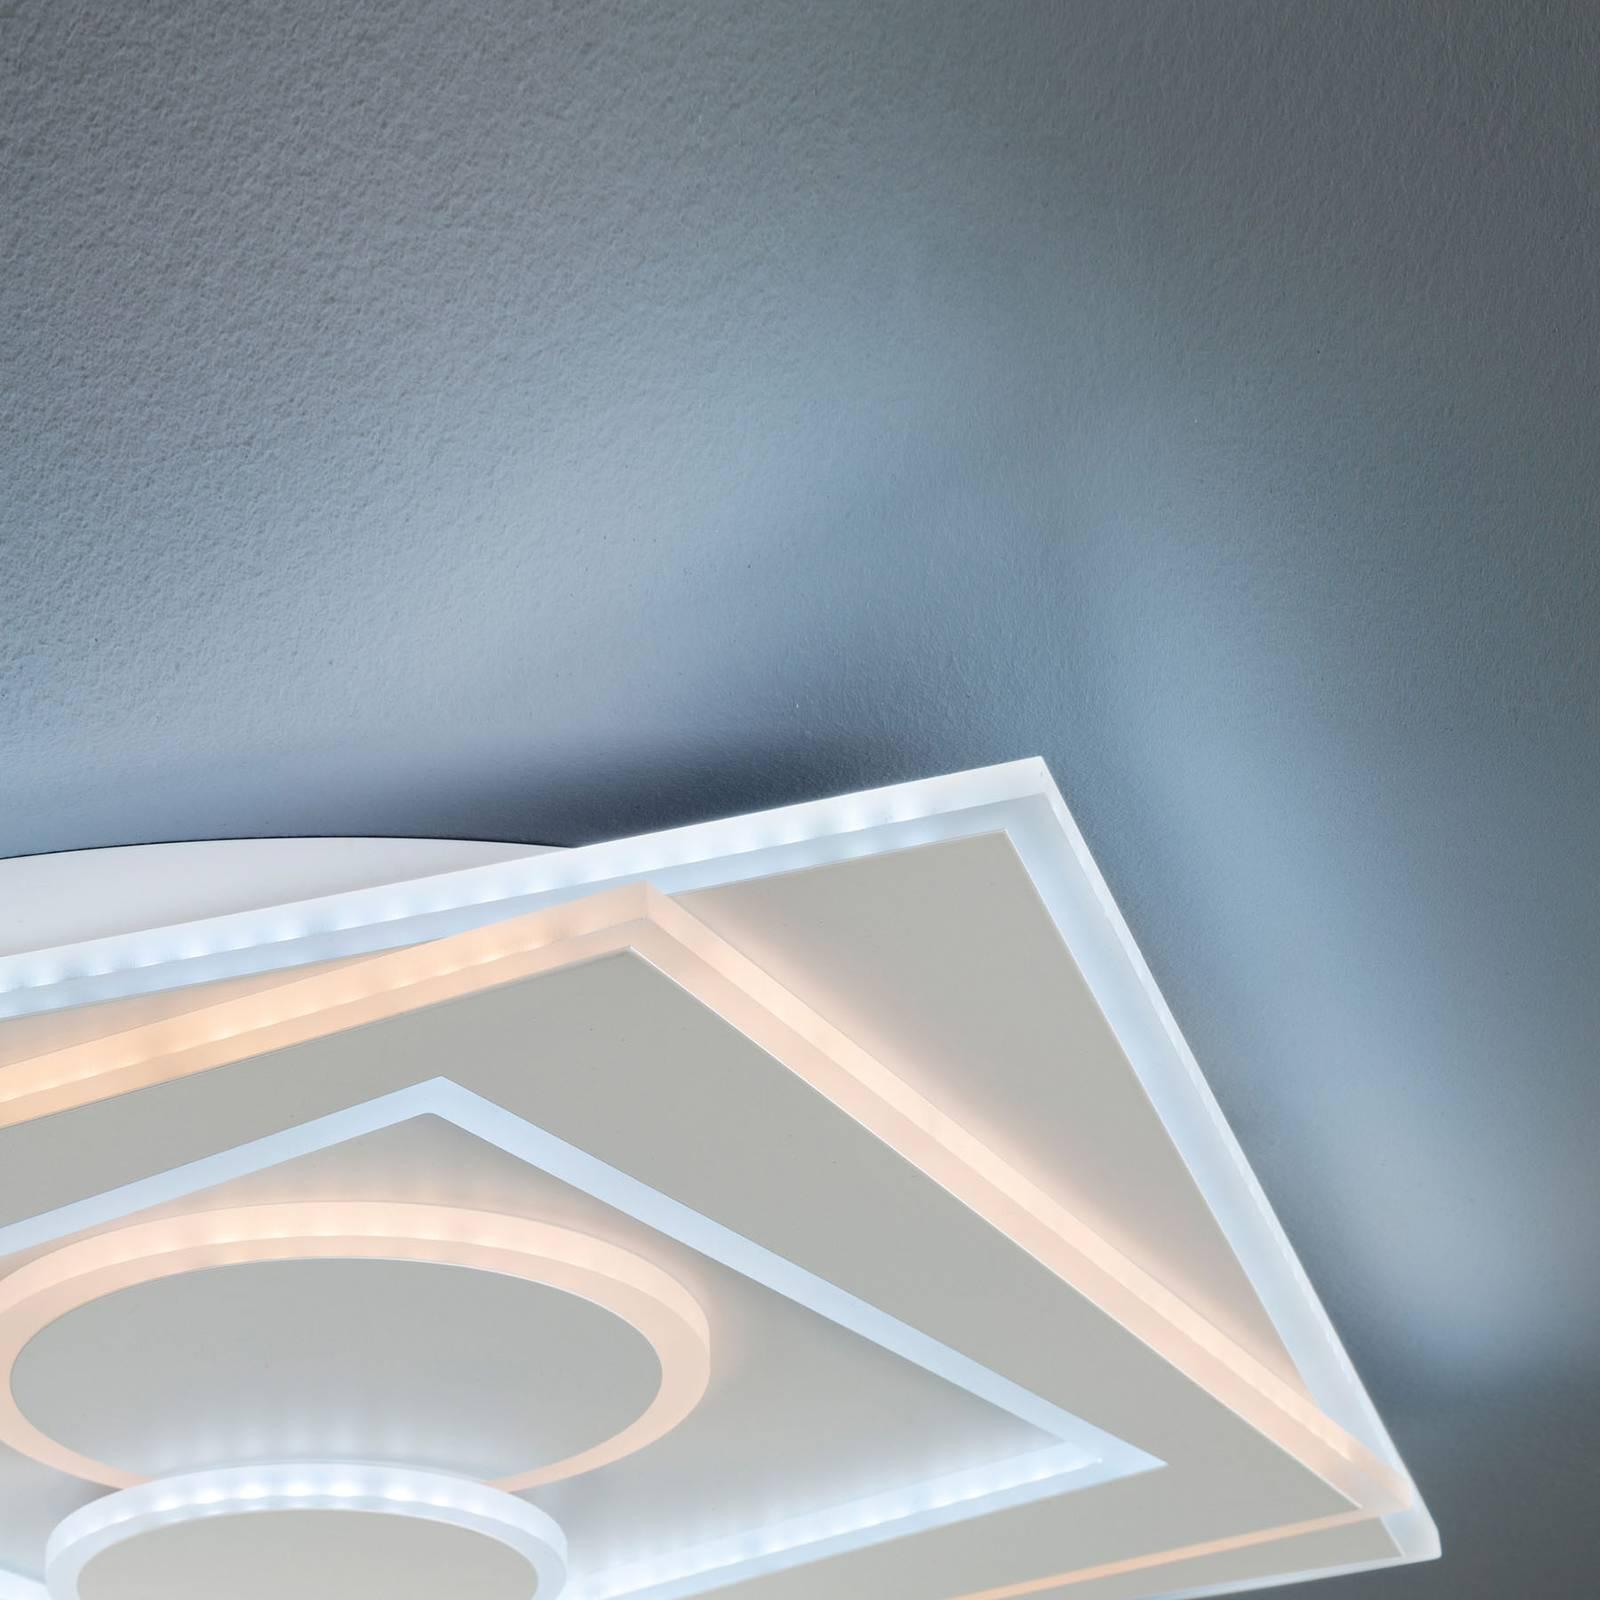 LED-kattovalaisin Ratio, himmennettävä, 2 ympyrää